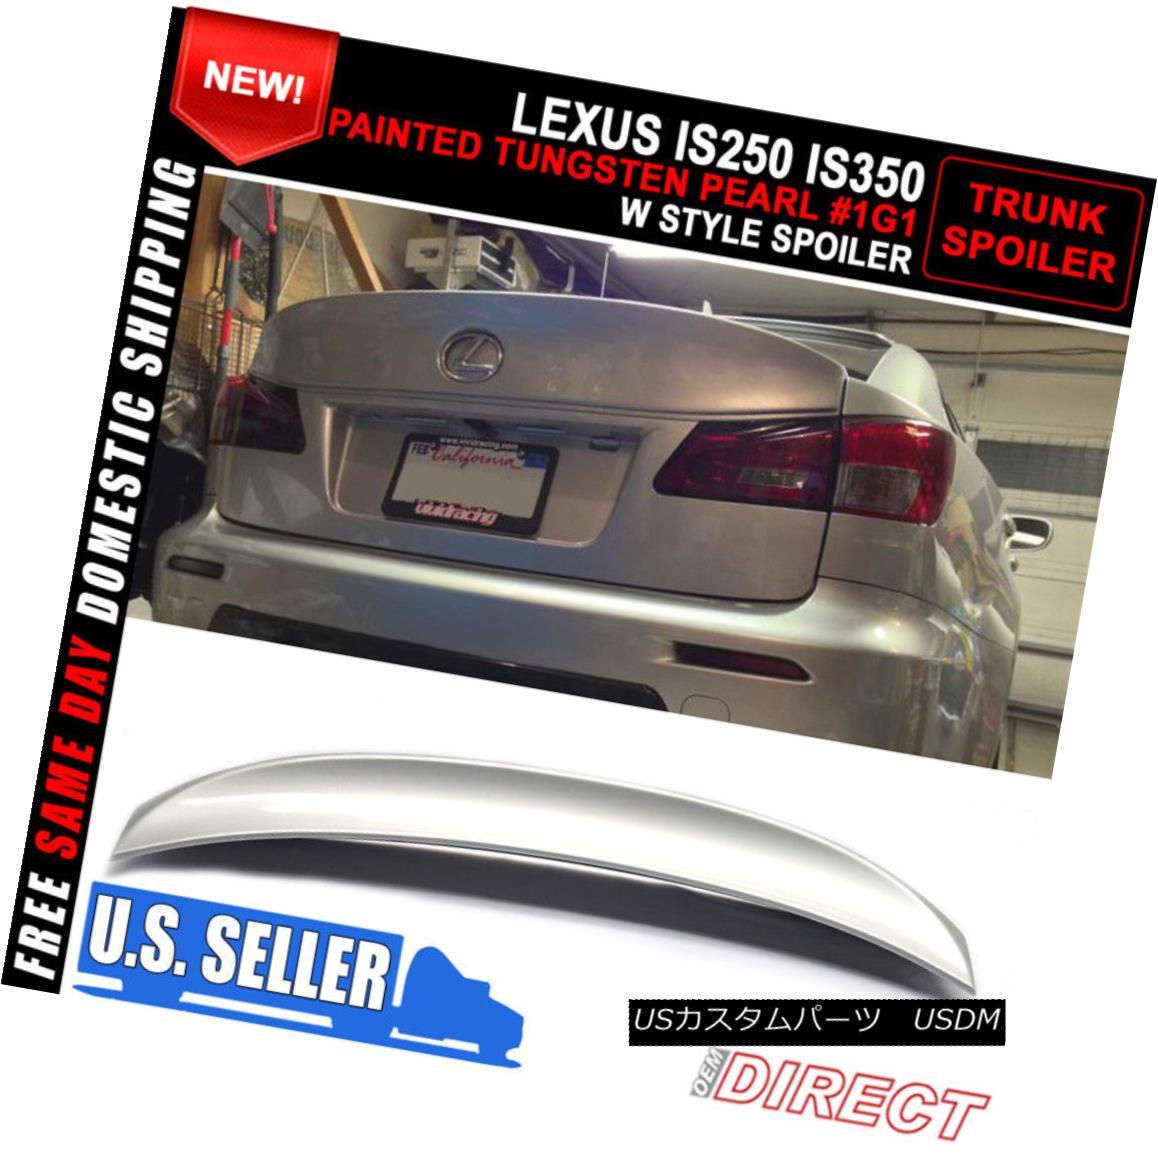 エアロパーツ For 06-13 Lexus Is250 Is350 IK Style Trunk Spoiler - Painted Tungsten Pearl #1G1 06-13レクサスIs250 Is350 IKスタイルトランク・スポイラー - ペイント・タングステン・パール#1G1